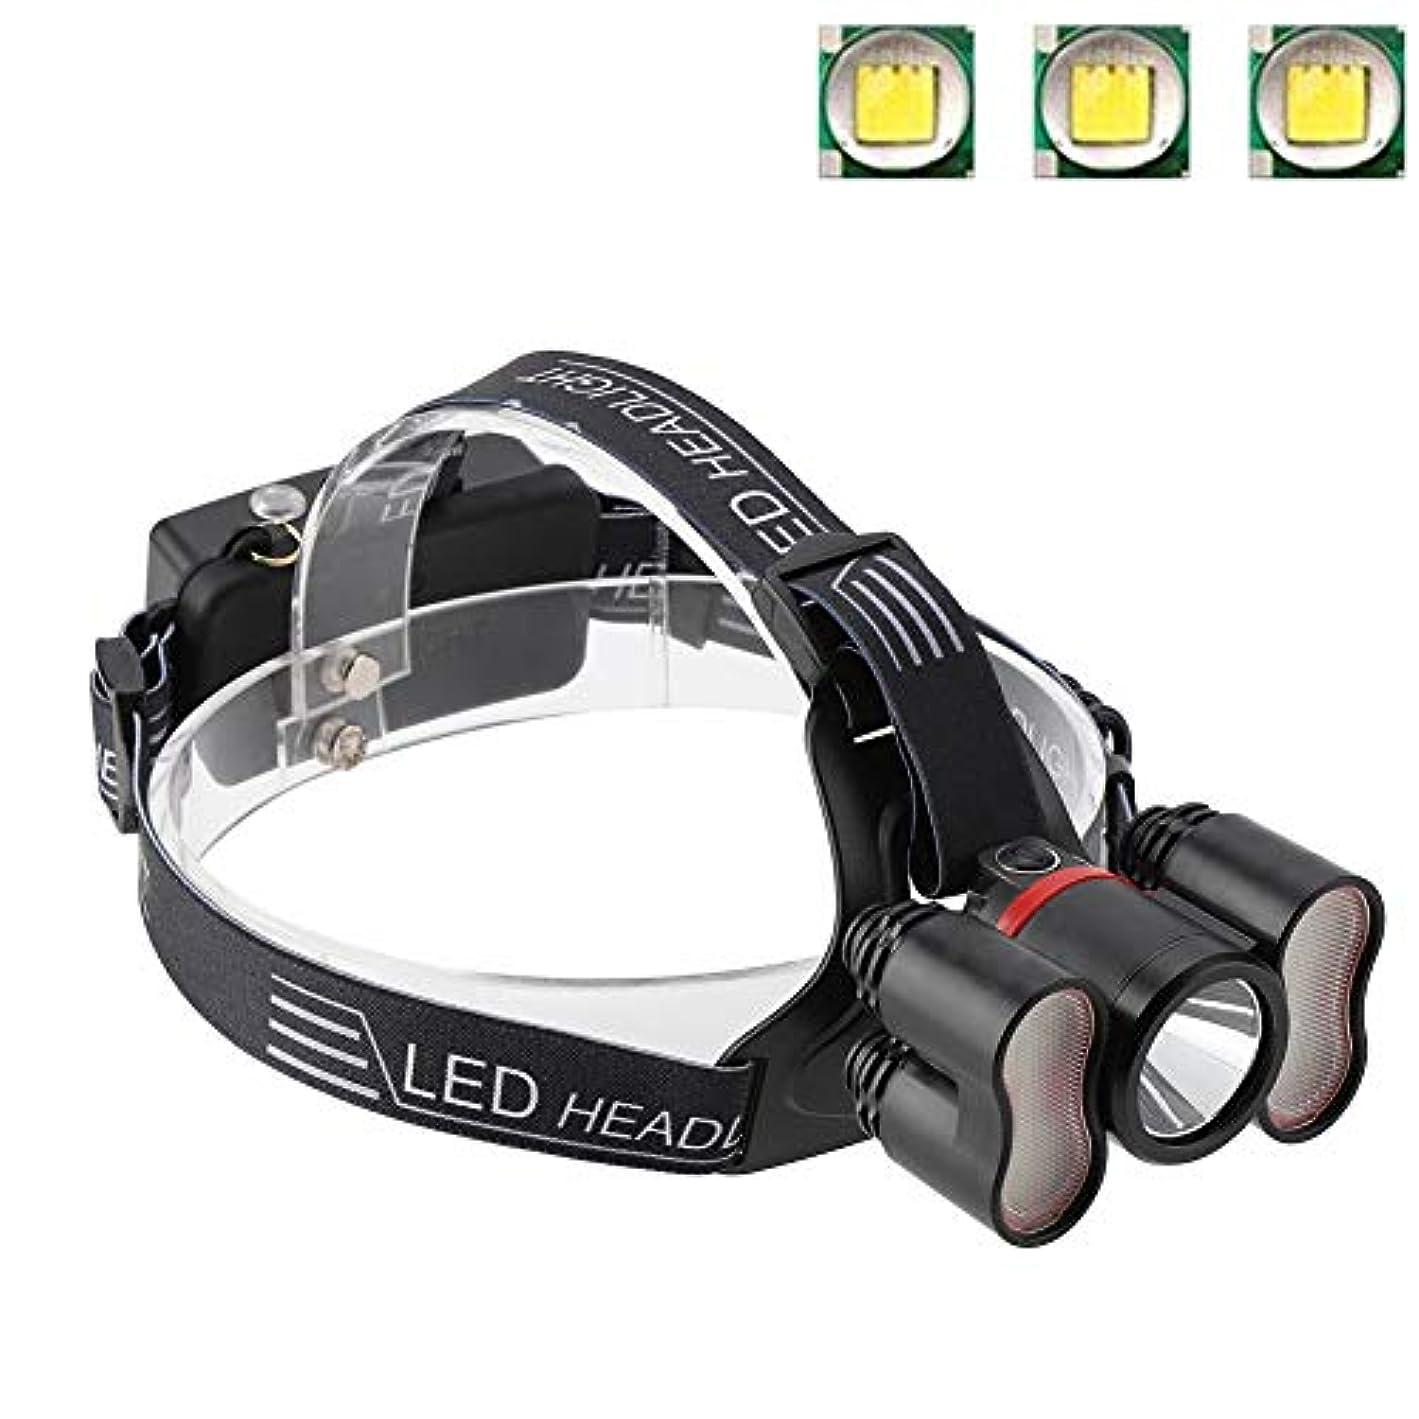 動物園宝石ガチョウヘッドライト懐中電灯、2000LMヘッドライト18650 LED USB充電式防水トラベルヘッドトーチキャンプランプランニングハイキング釣りに適して(#1)